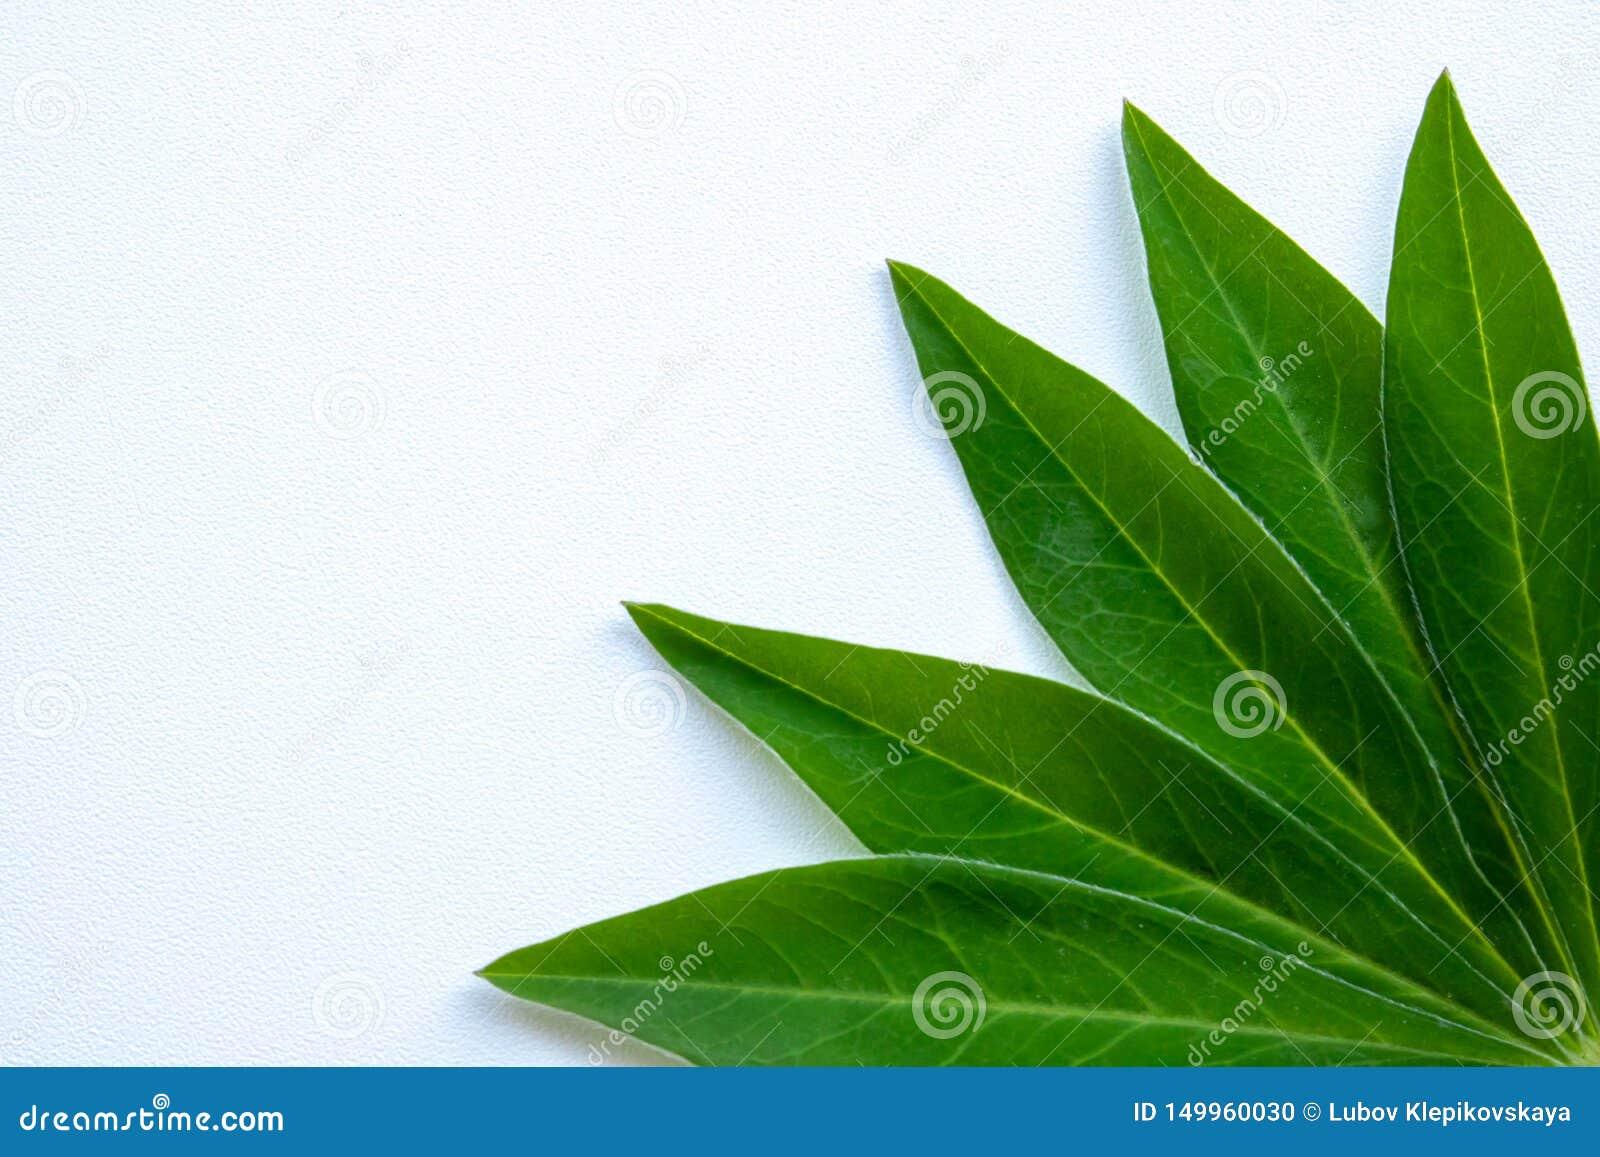 Grüne Blätter in der Ecke der weißen Hintergrundpostkarte